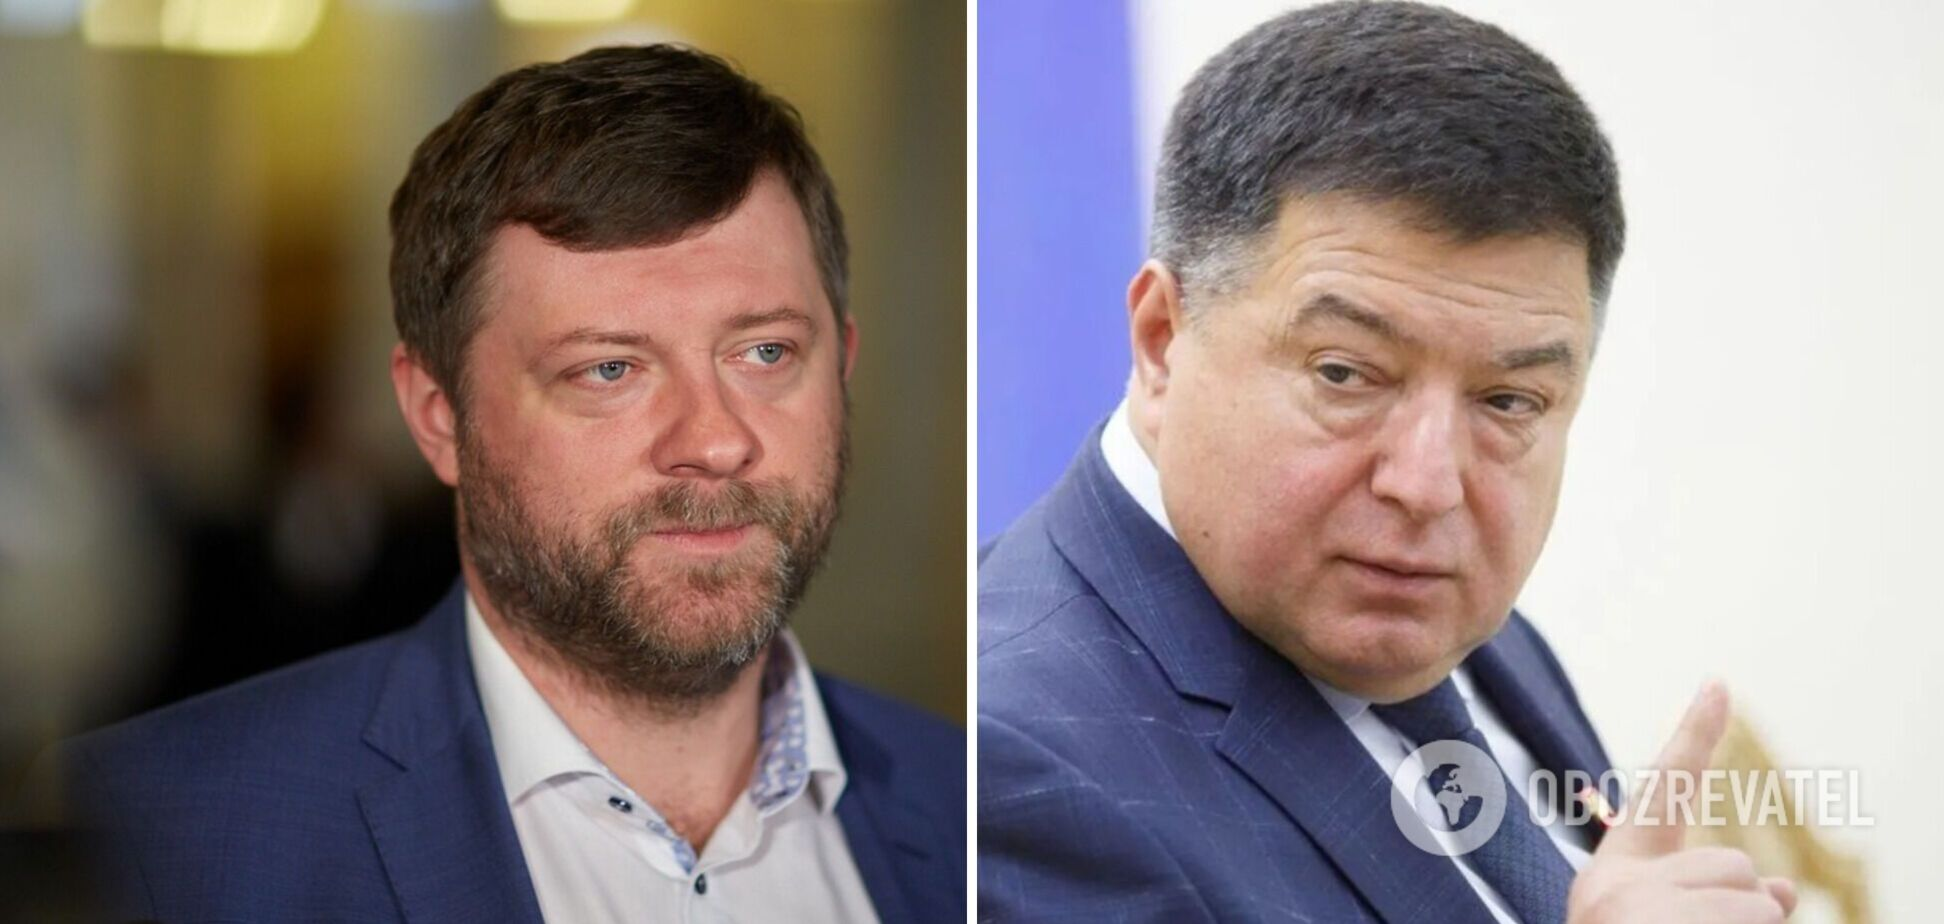 Корнієнко: Тупицький загрожував реформам і підривав антикорупційну інфраструктуру